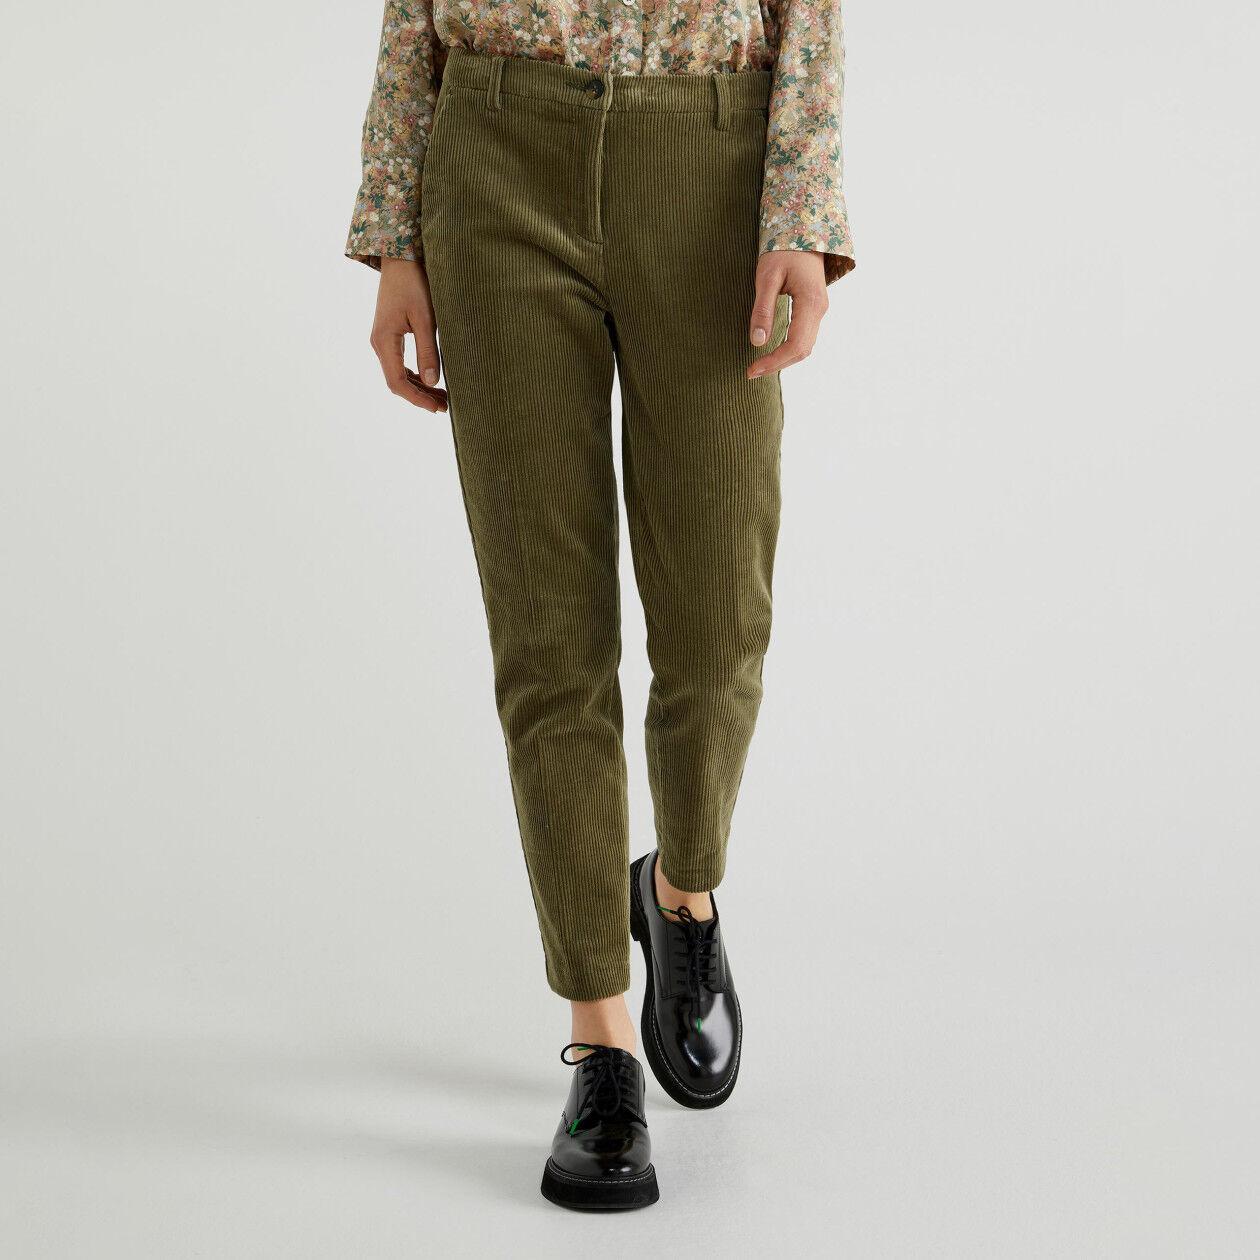 Παντελόνι ελαστικό από βελούδο